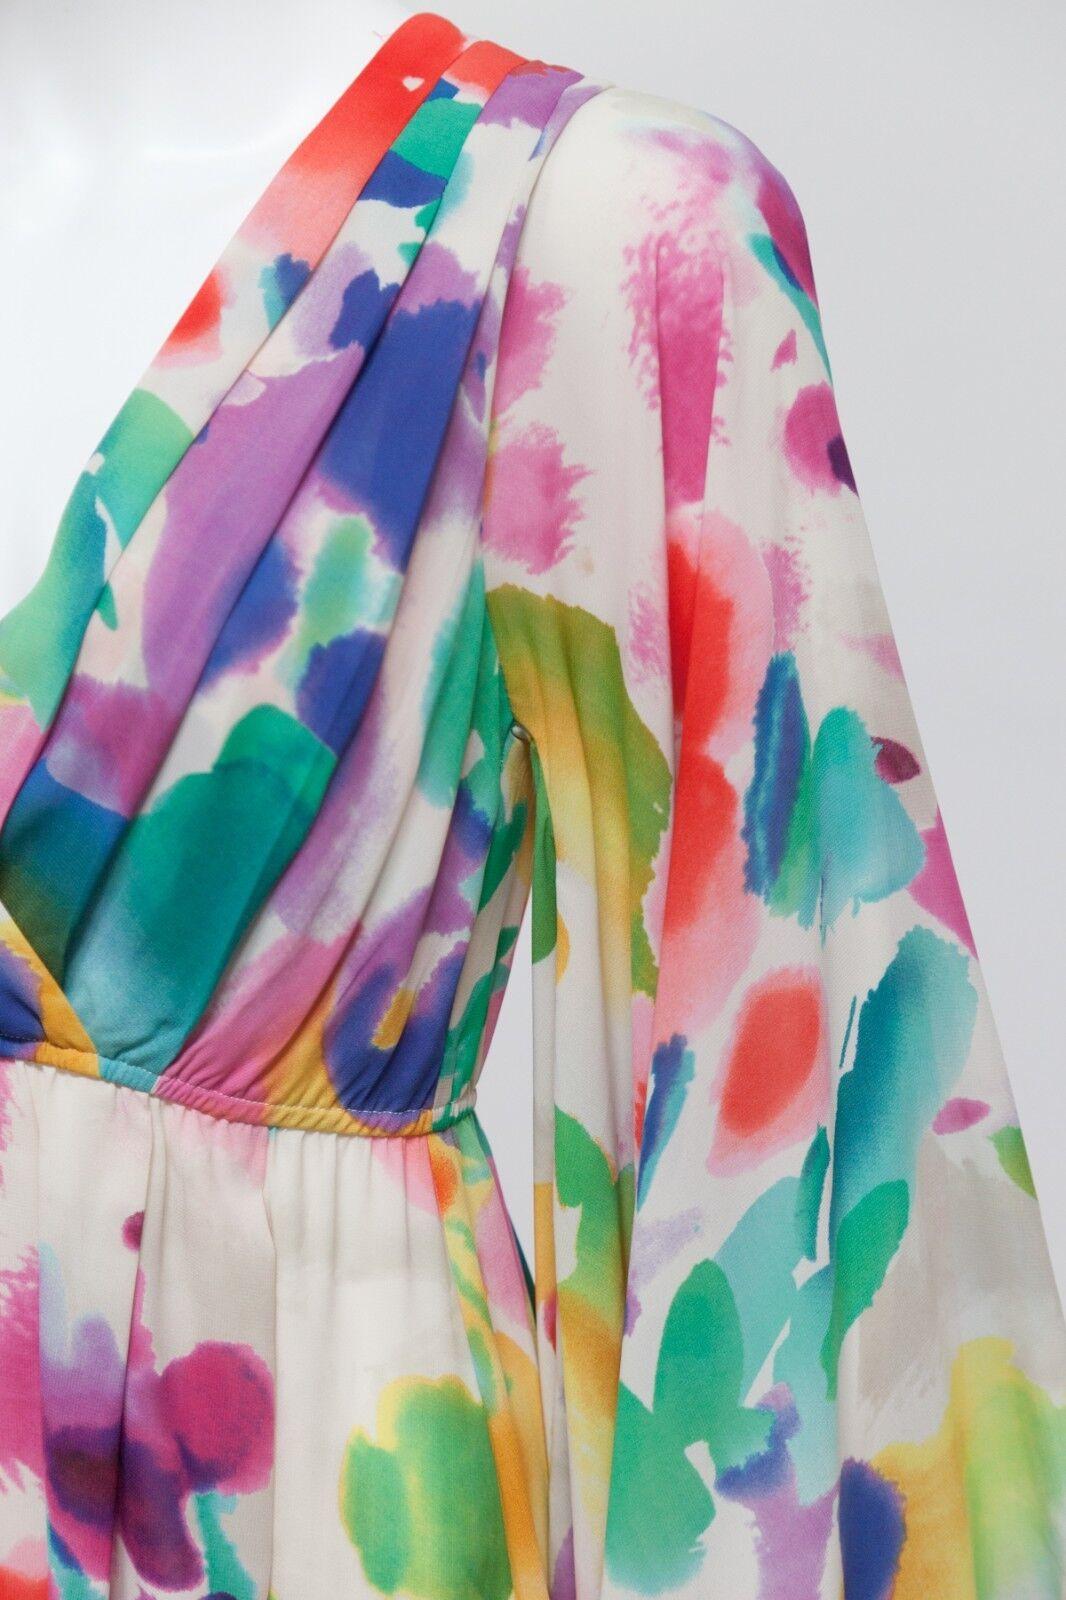 H&M The Garden Collection Floral Kimono Kimono Kimono Dress RARE HTF Size 2 Unworn With Tags ede5ad